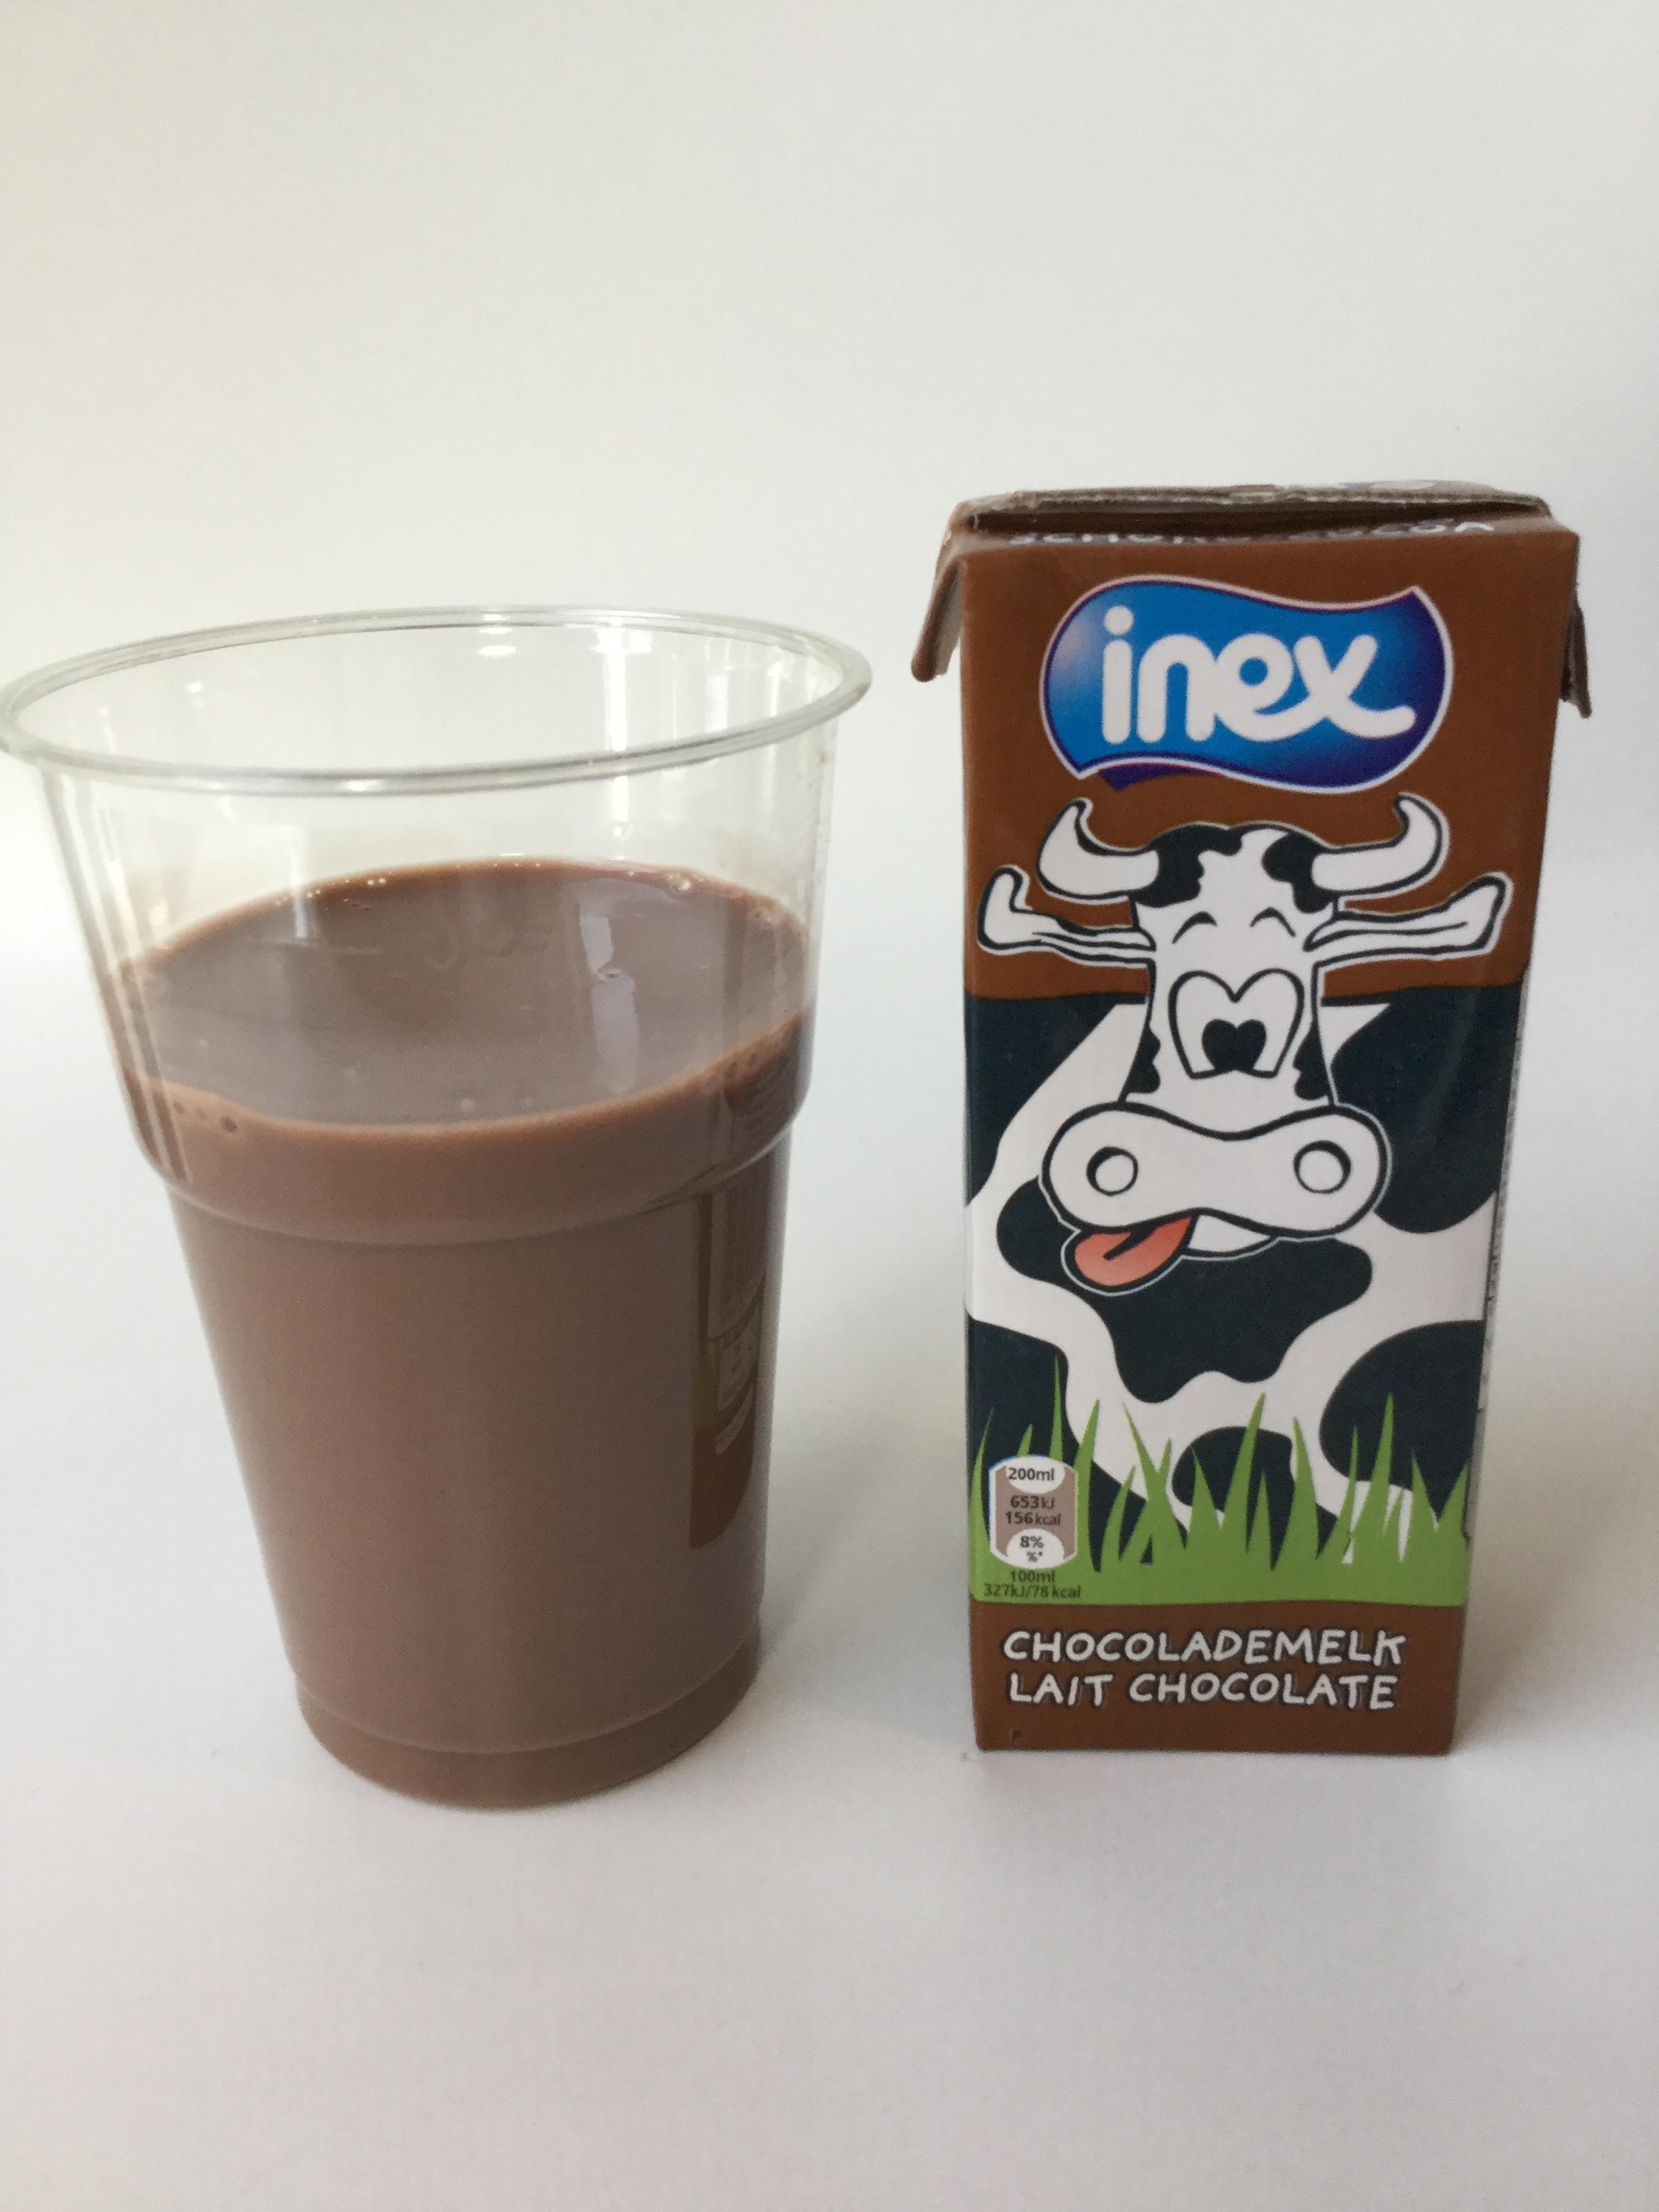 Inex Chocolademelk Cup